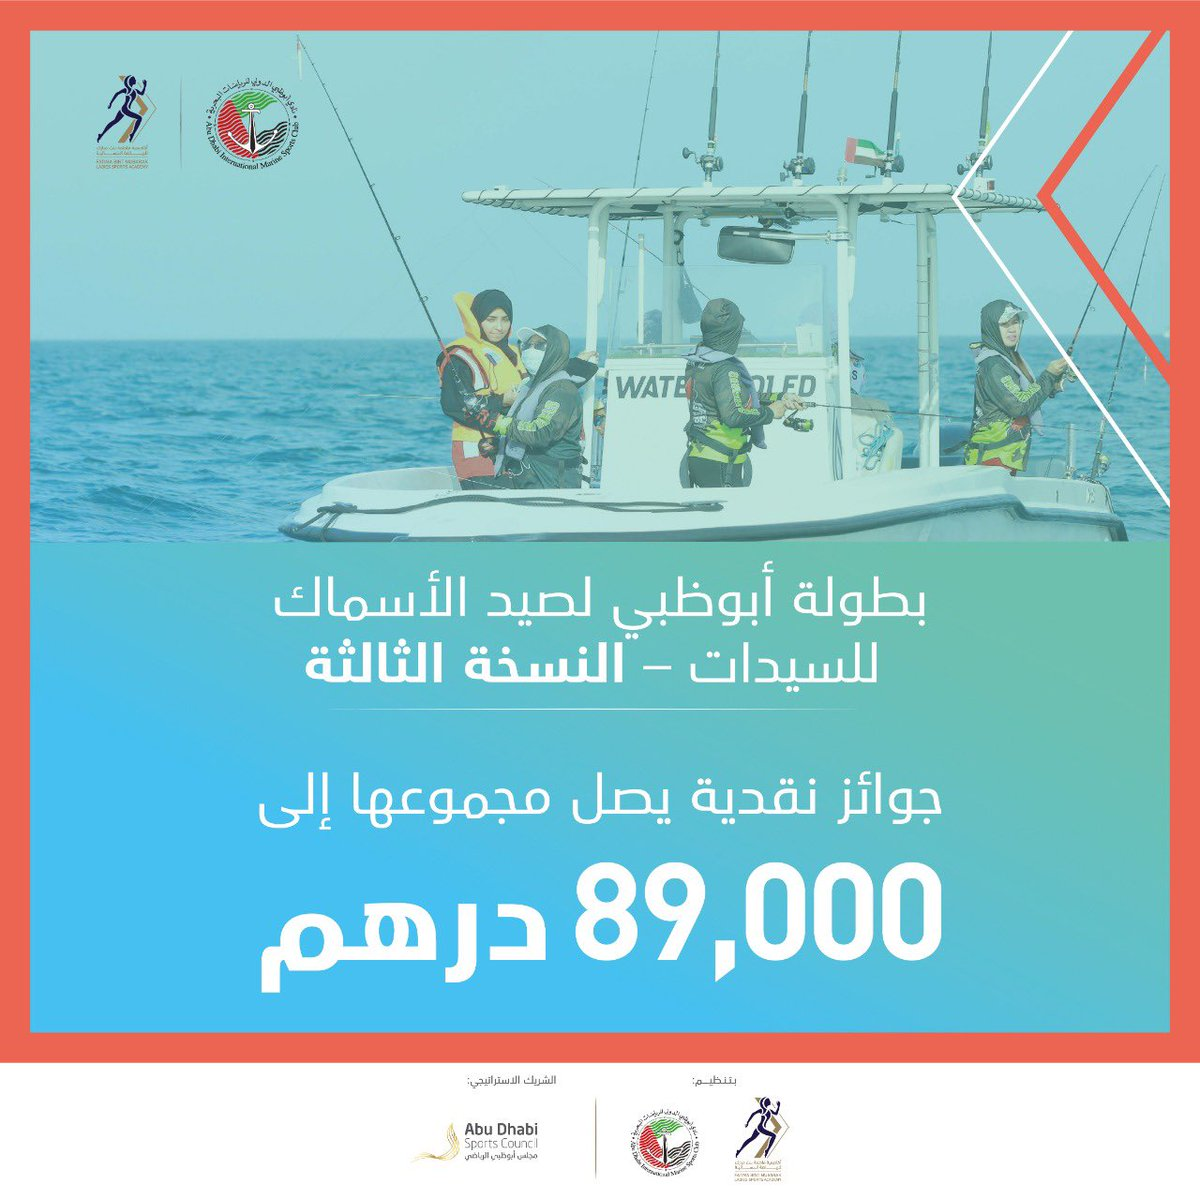 جوائز نقدية قيمة بانتظار الفائزات في بطولة أبوظبي لصيد الأسماك للسيدات – النسخة الثالثة. هل أنتن مستعدات؟  #نمضي_قدماً #صيد #سمك #رياضة #أبوظبي https://t.co/CfgrevPlwp